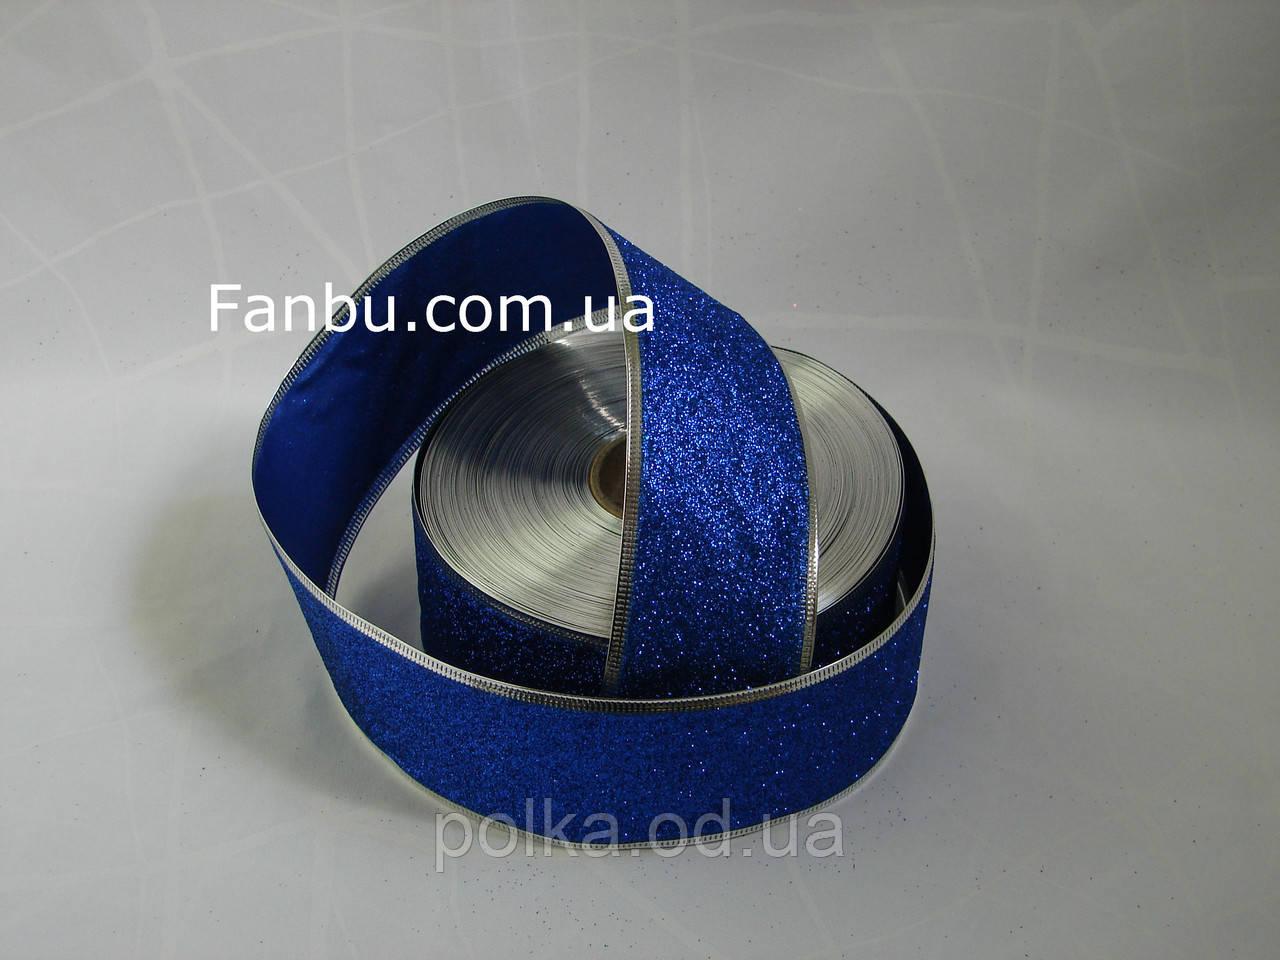 Блискуча синя стрічка з глітером для бантів з дротяним краєм 1упаковка-50ярдов(ширина 5 см)